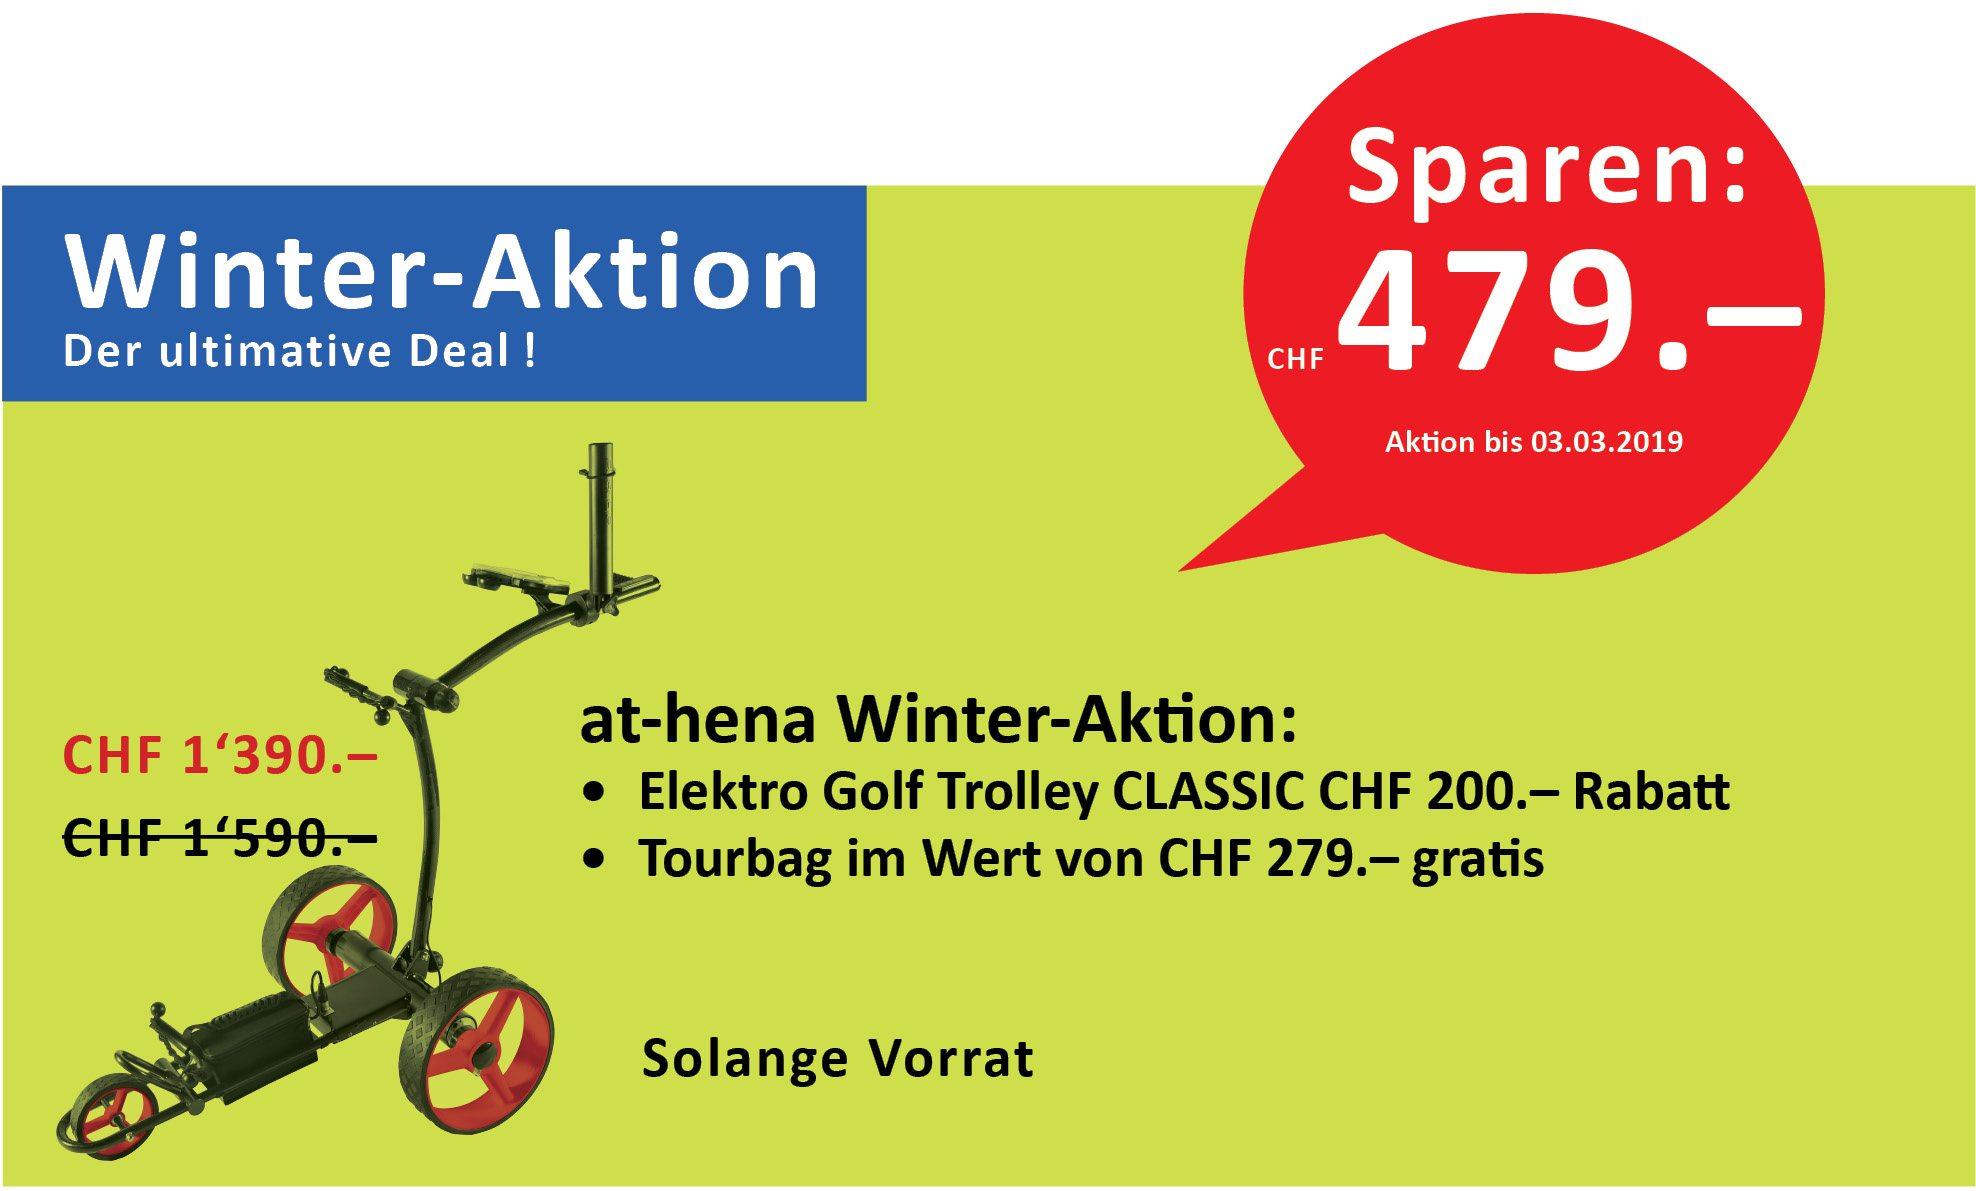 at-hena Eletro Golf Trolley BASIC plus Weihnachts-Aktion, jetzt Günstig kaufen bereits ab CHF 790.00